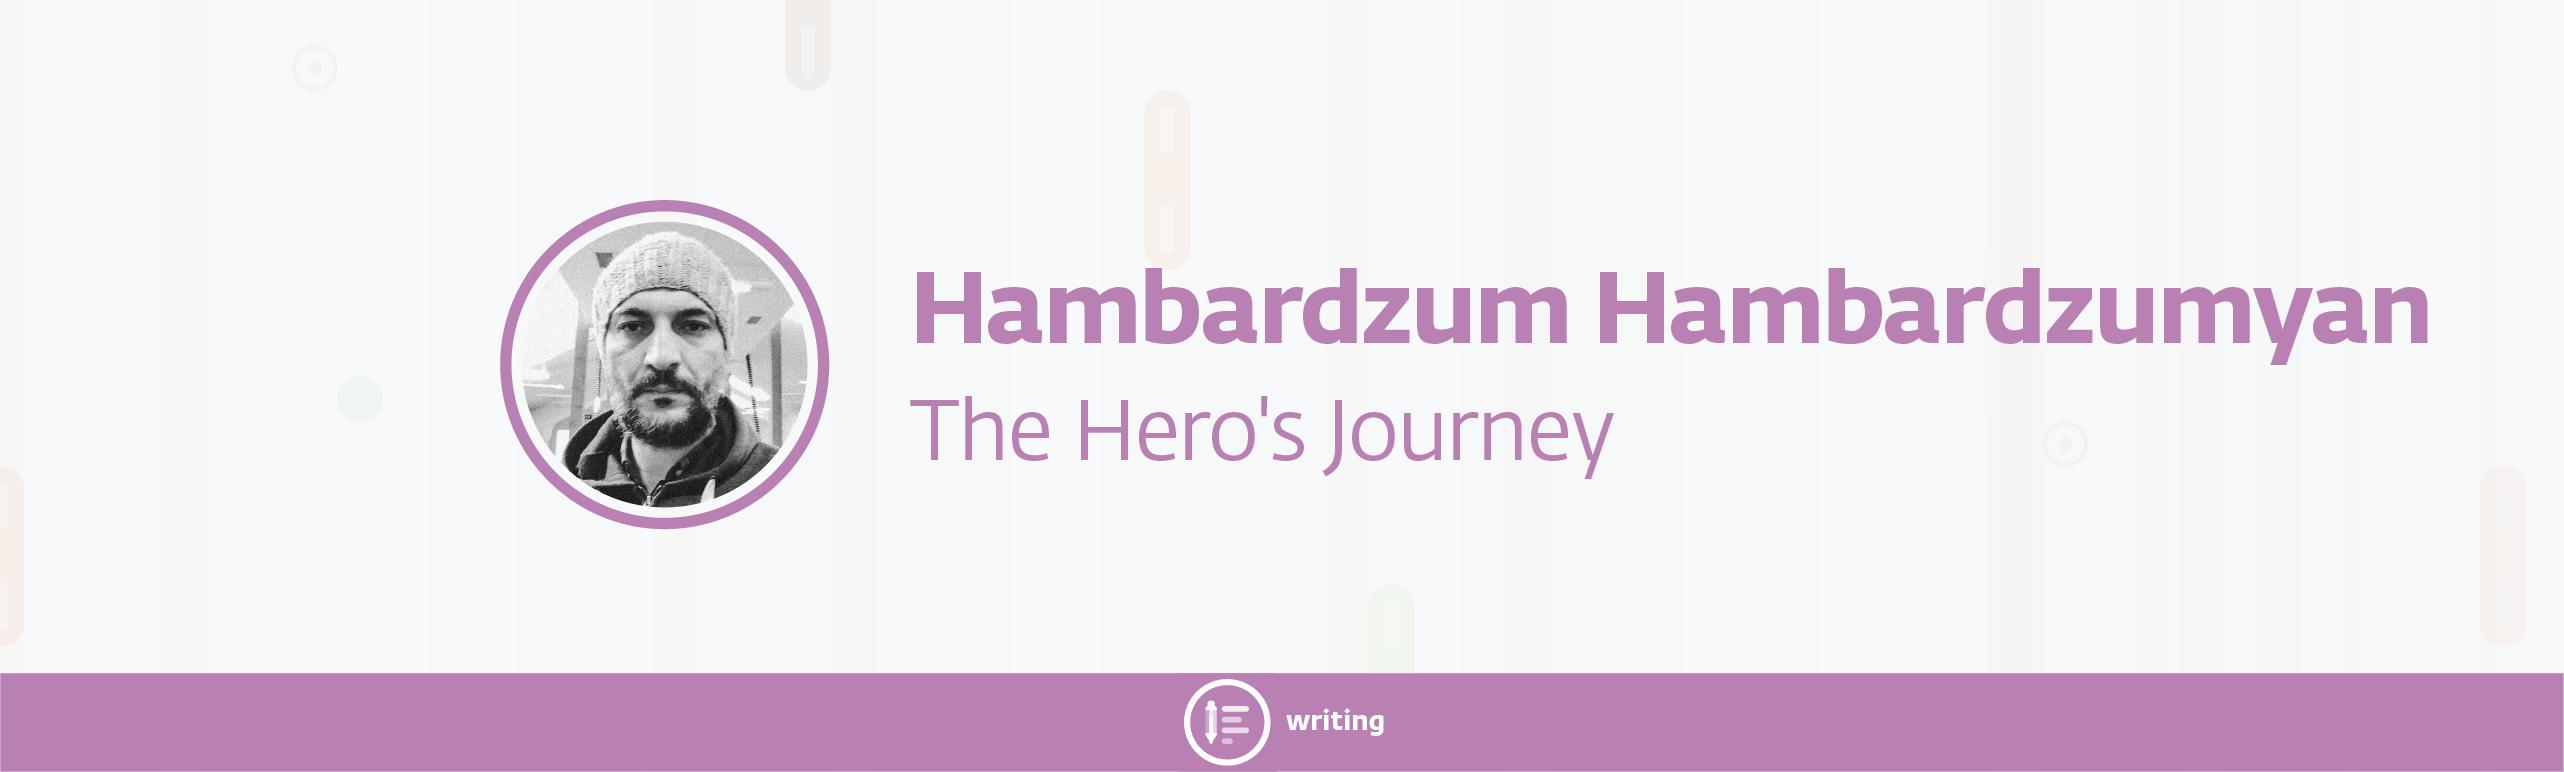 61 - The Hero's Journey